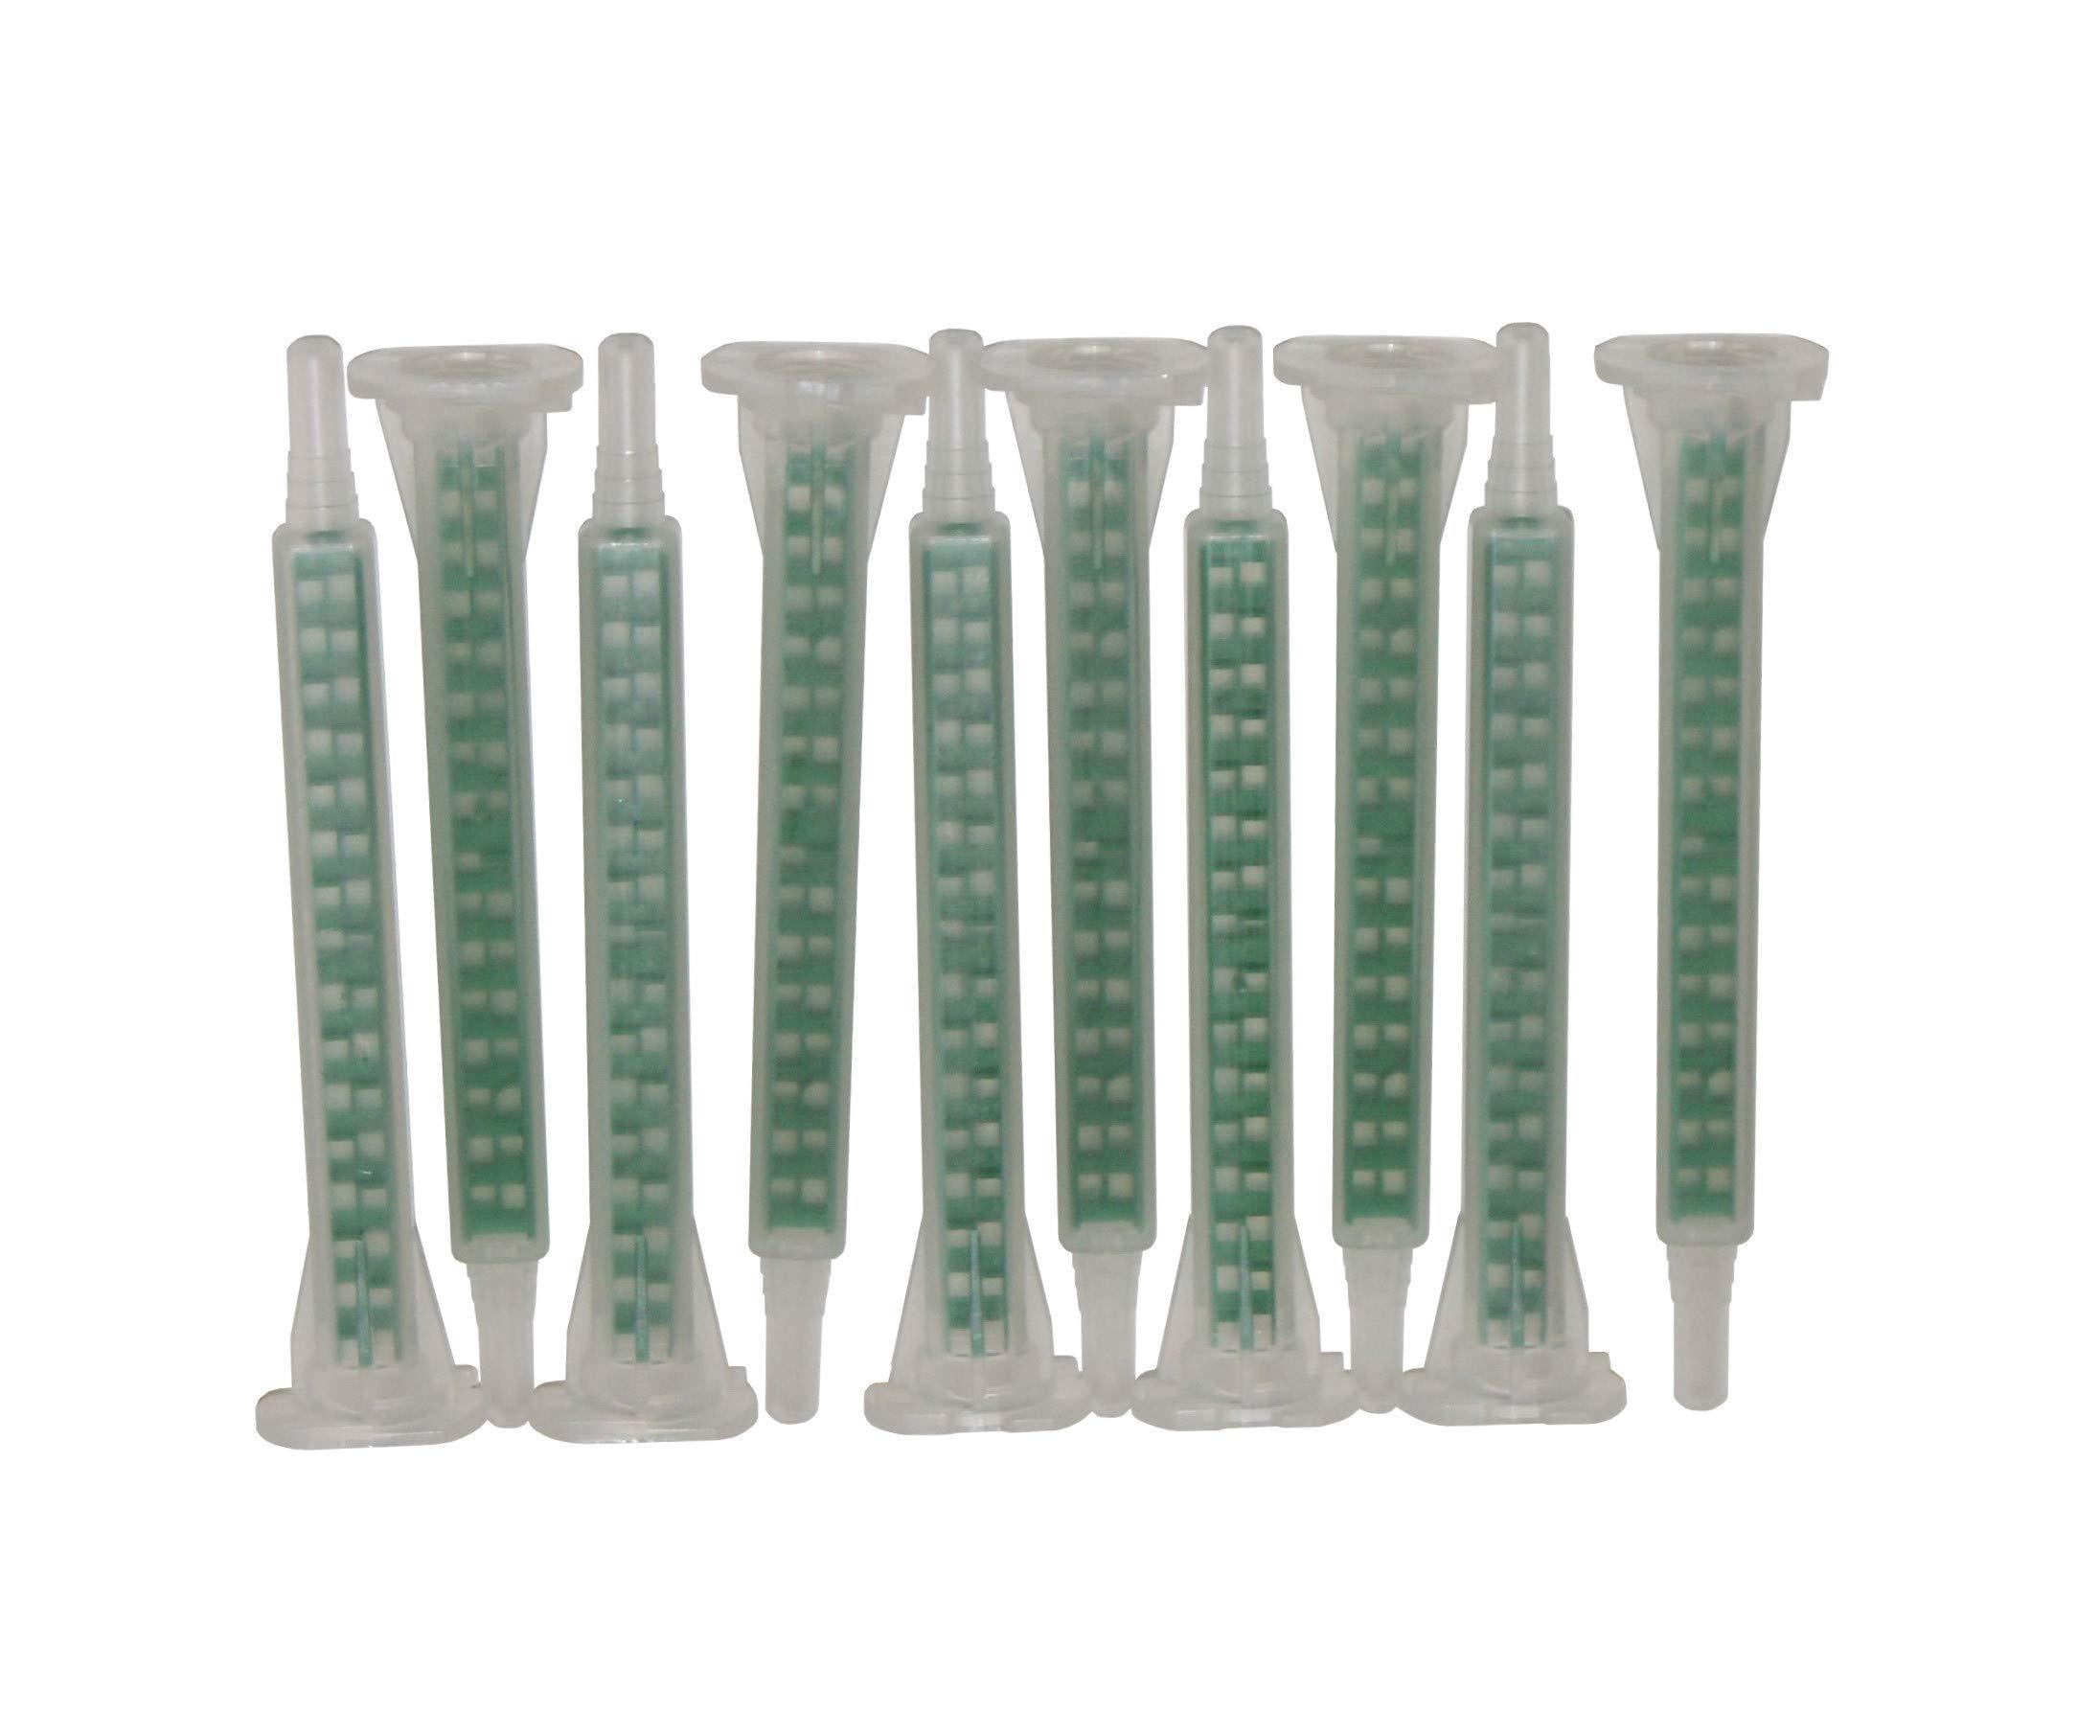 Sanremo - Juego de mesa 10 boquillas mezcladoras para cartuchos de 50 ml de 2 componentes – mezclador estático – Quadro: Amazon.es: Coche y moto